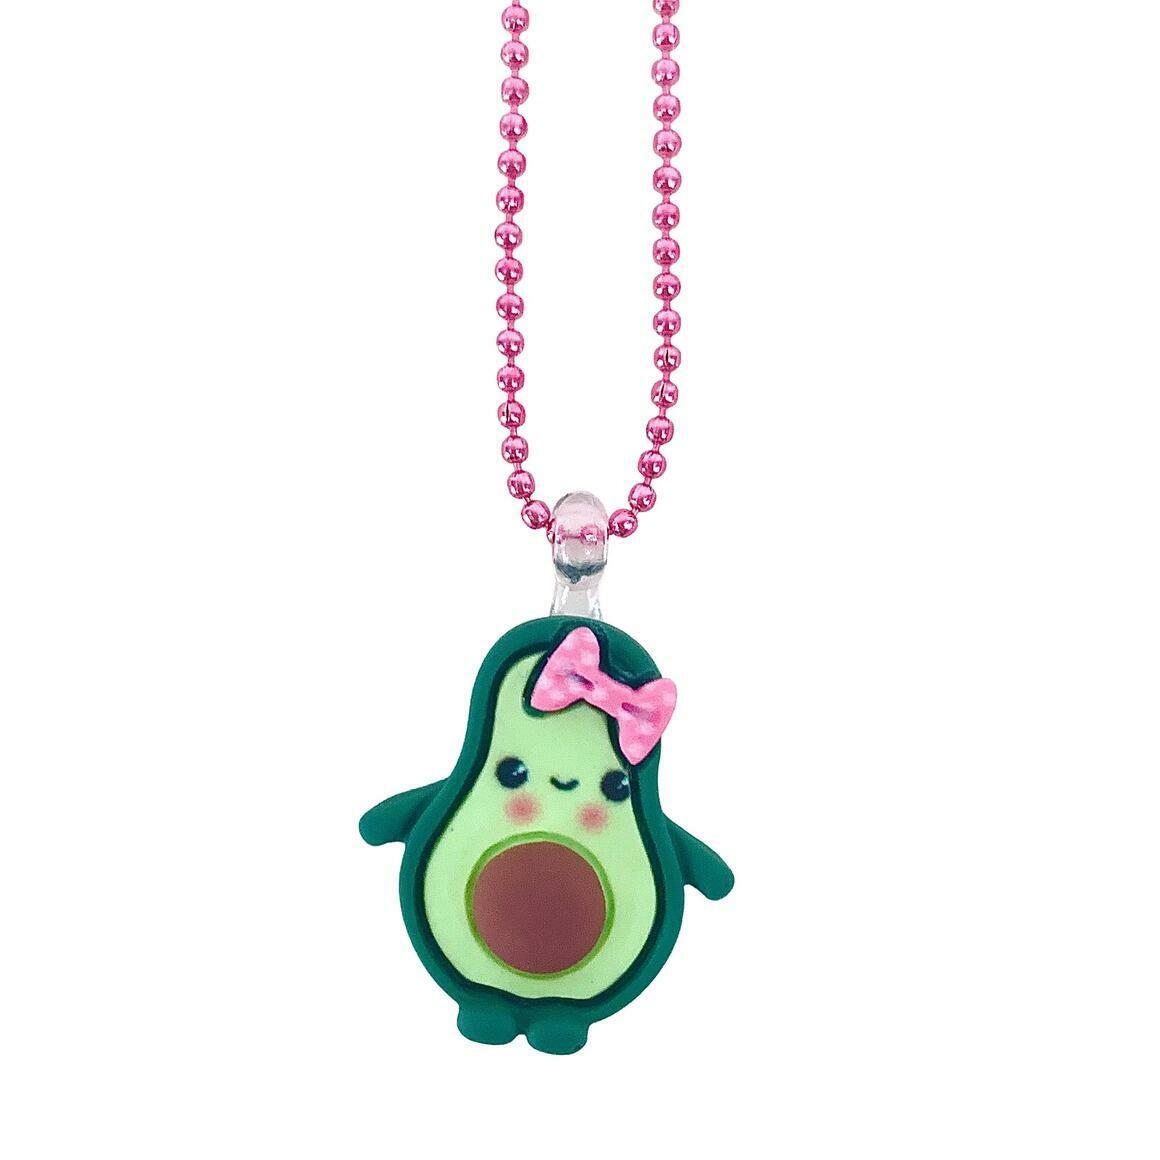 Pop Cutie Gacha Cute Fruit Kids Necklaces | Trada Marketplace